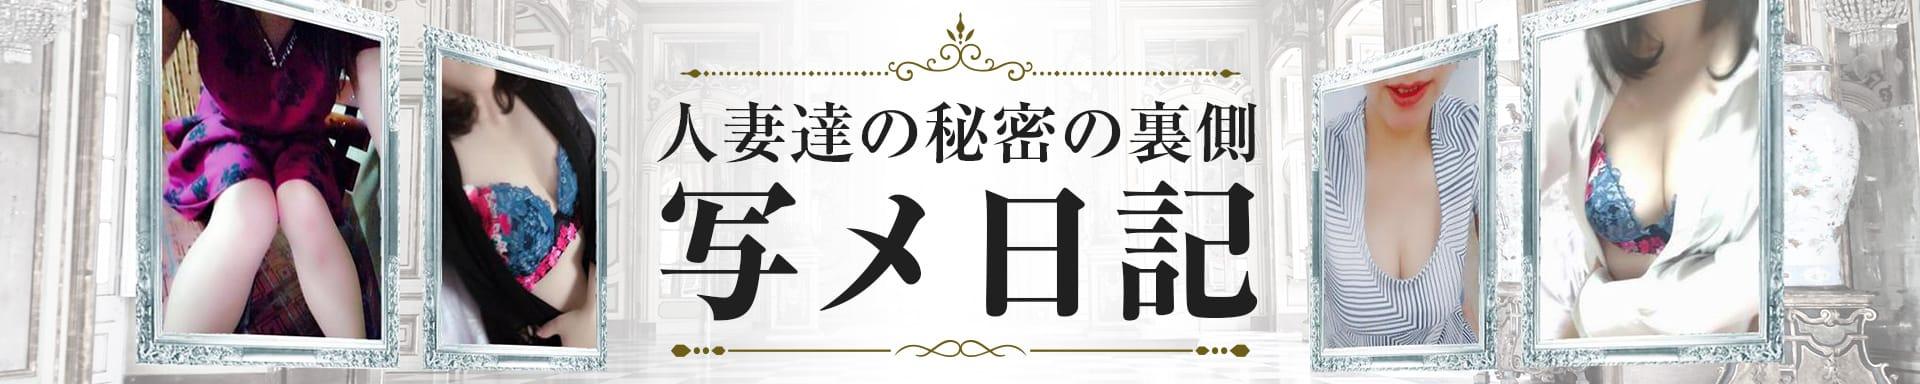 ミセス大阪 梅田店 その2